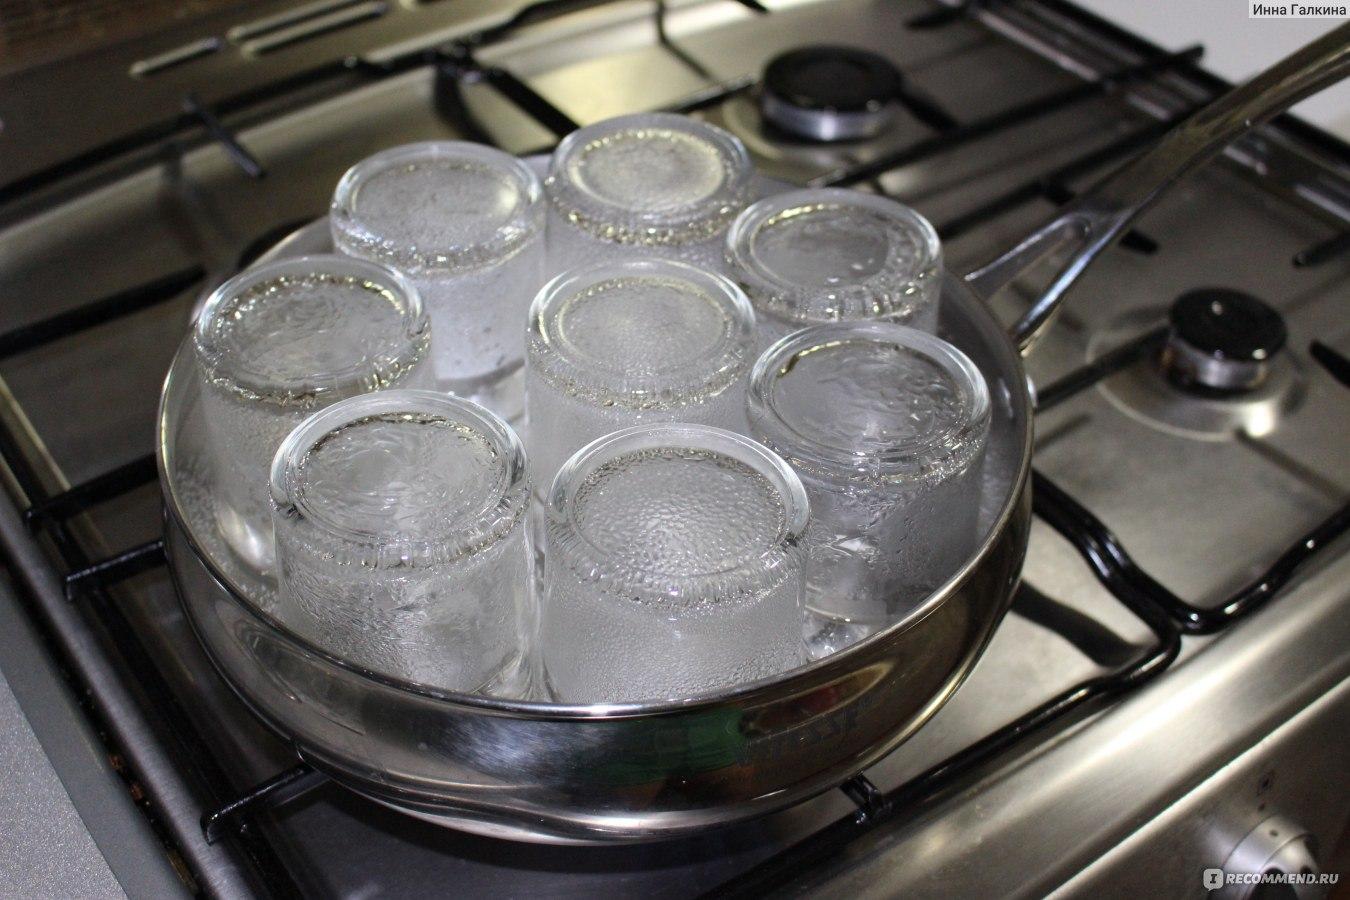 Рецепты для йогуртницы редмонд пошагово